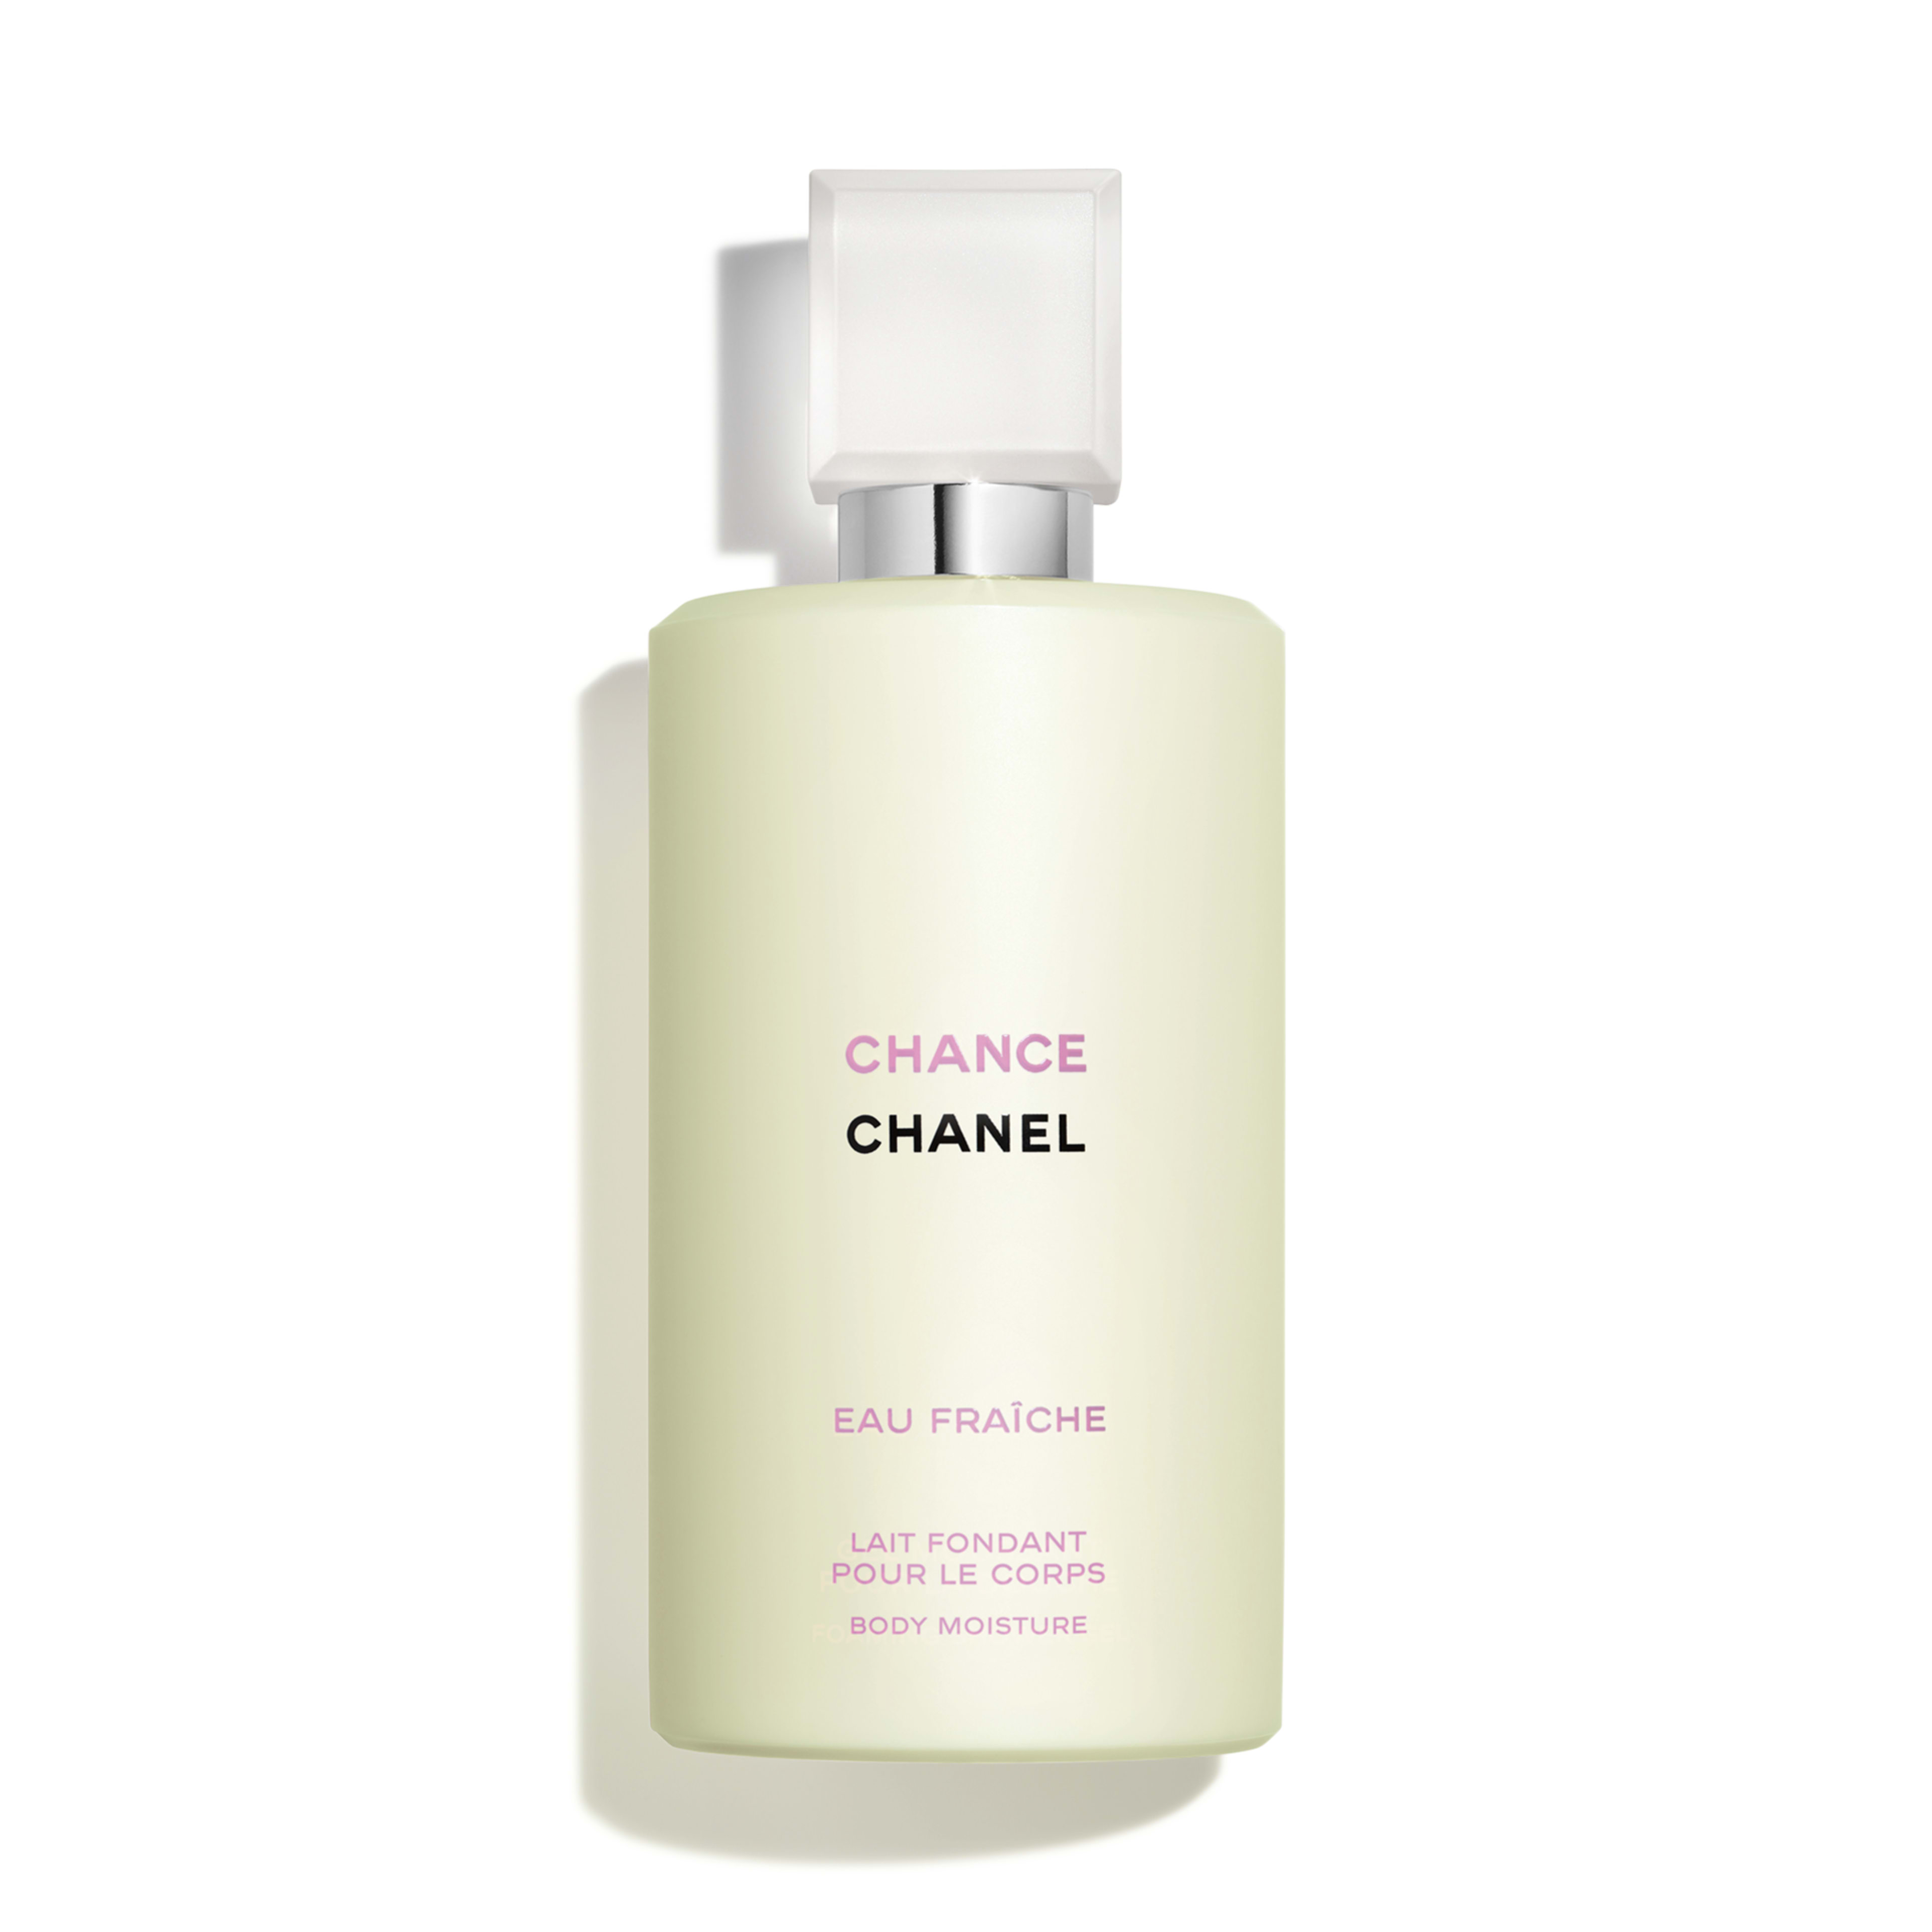 CHANCE EAU FRAÎCHE - skincare - 6.8FL. OZ. - Default view